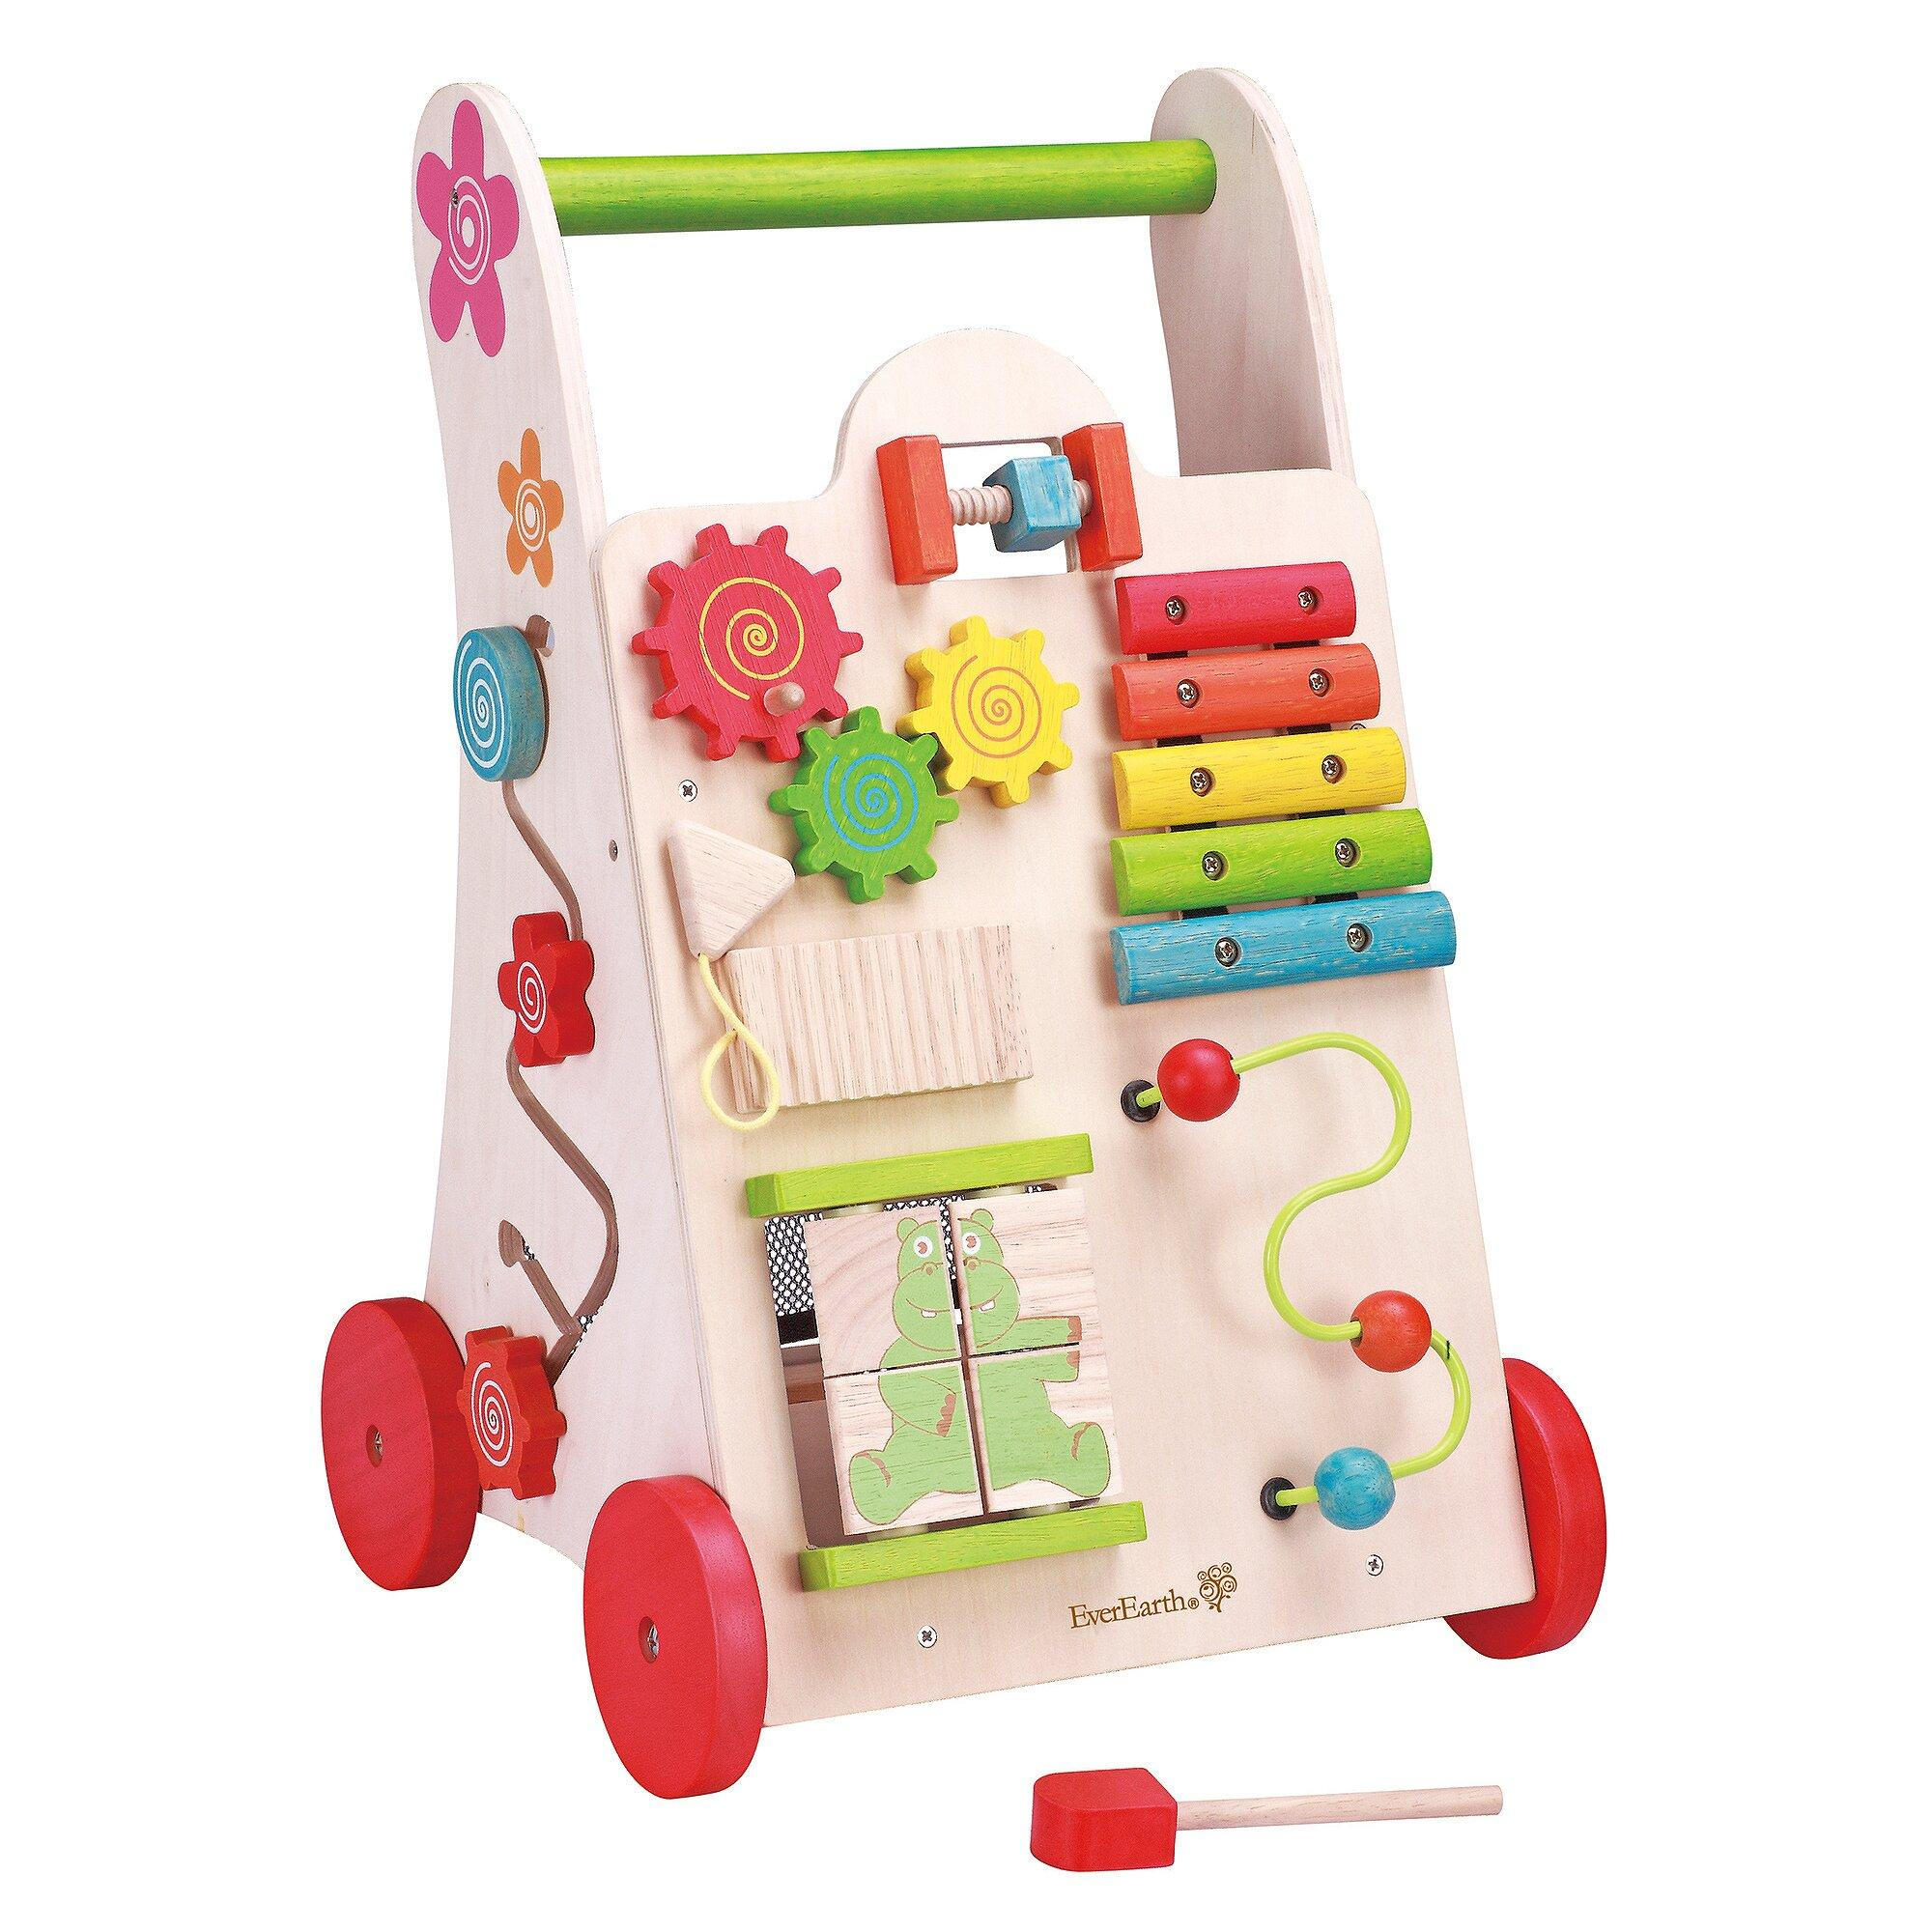 Lauflernwagen Spielzeug 2-in-1 aus Holz